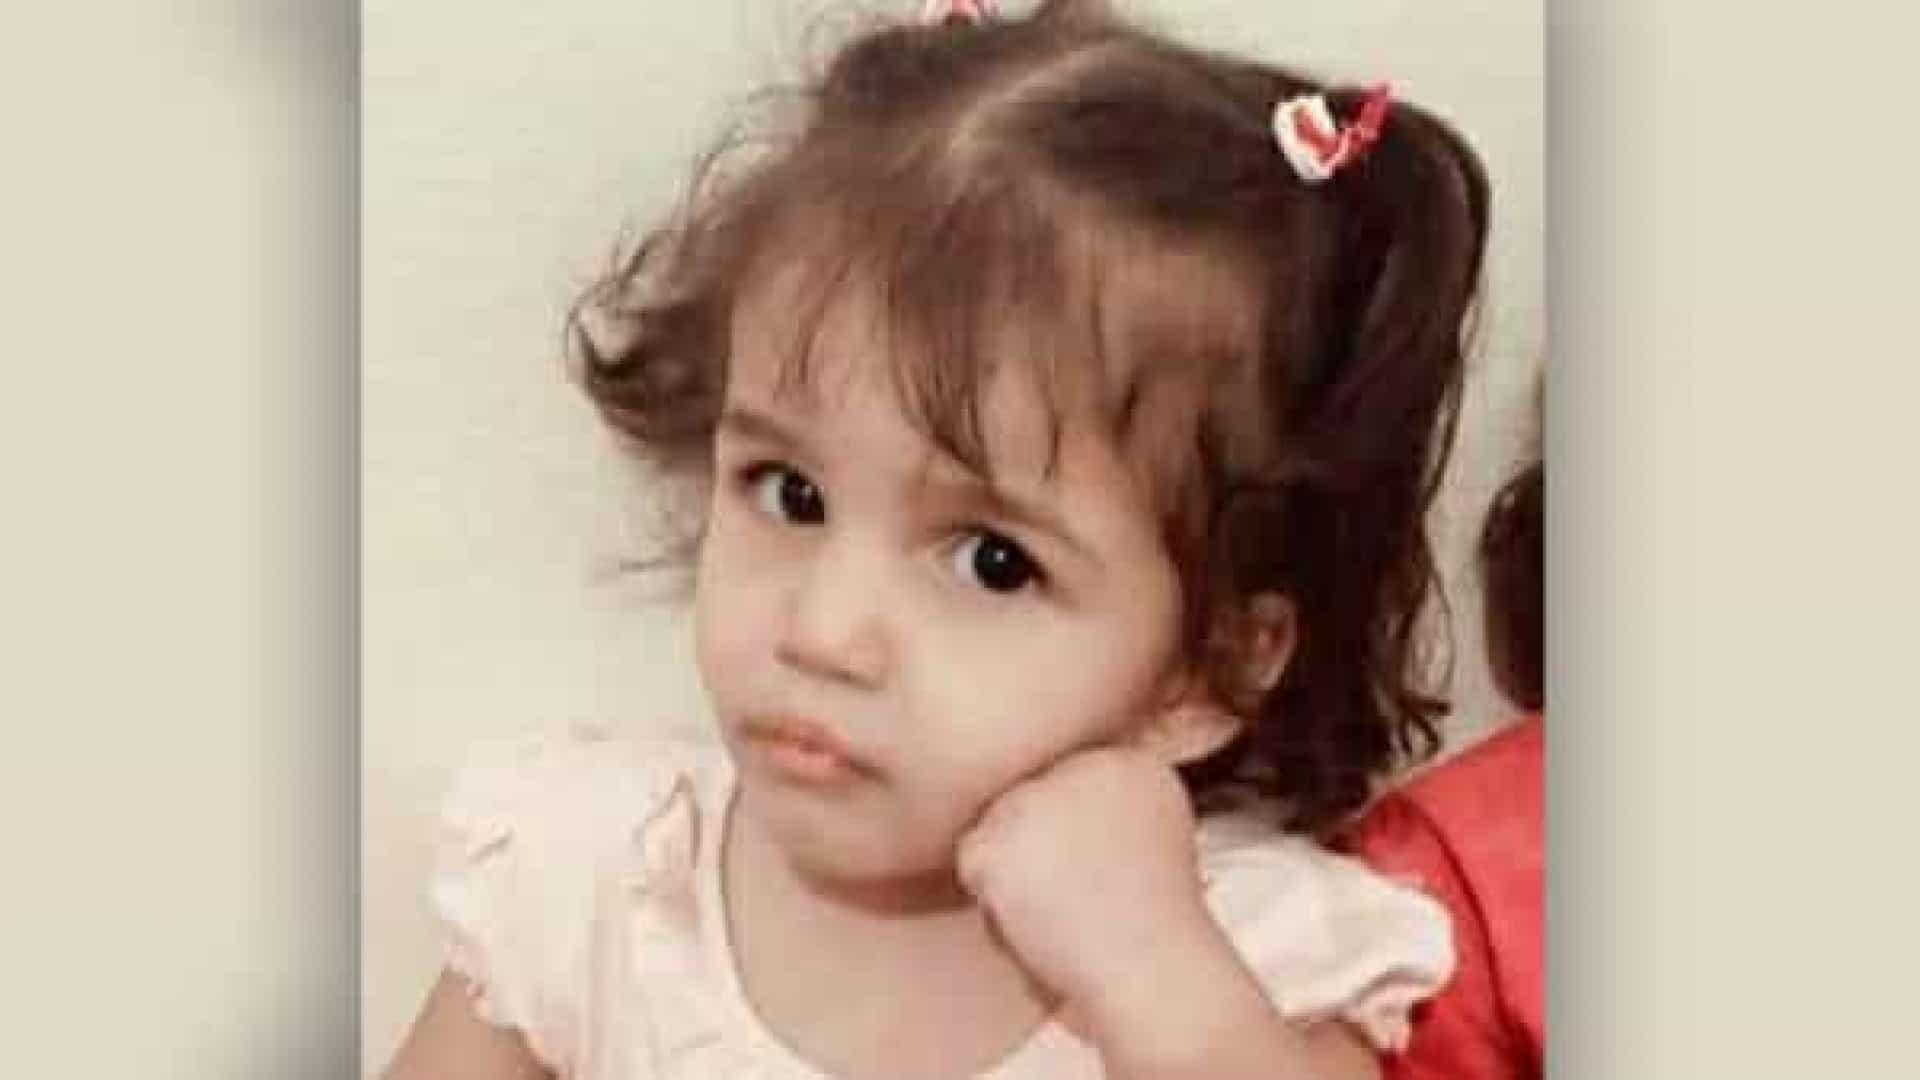 naom 609cf3a11211e 1 - Menina de três anos morre após pai obrigá-la a sentar em água fervendo